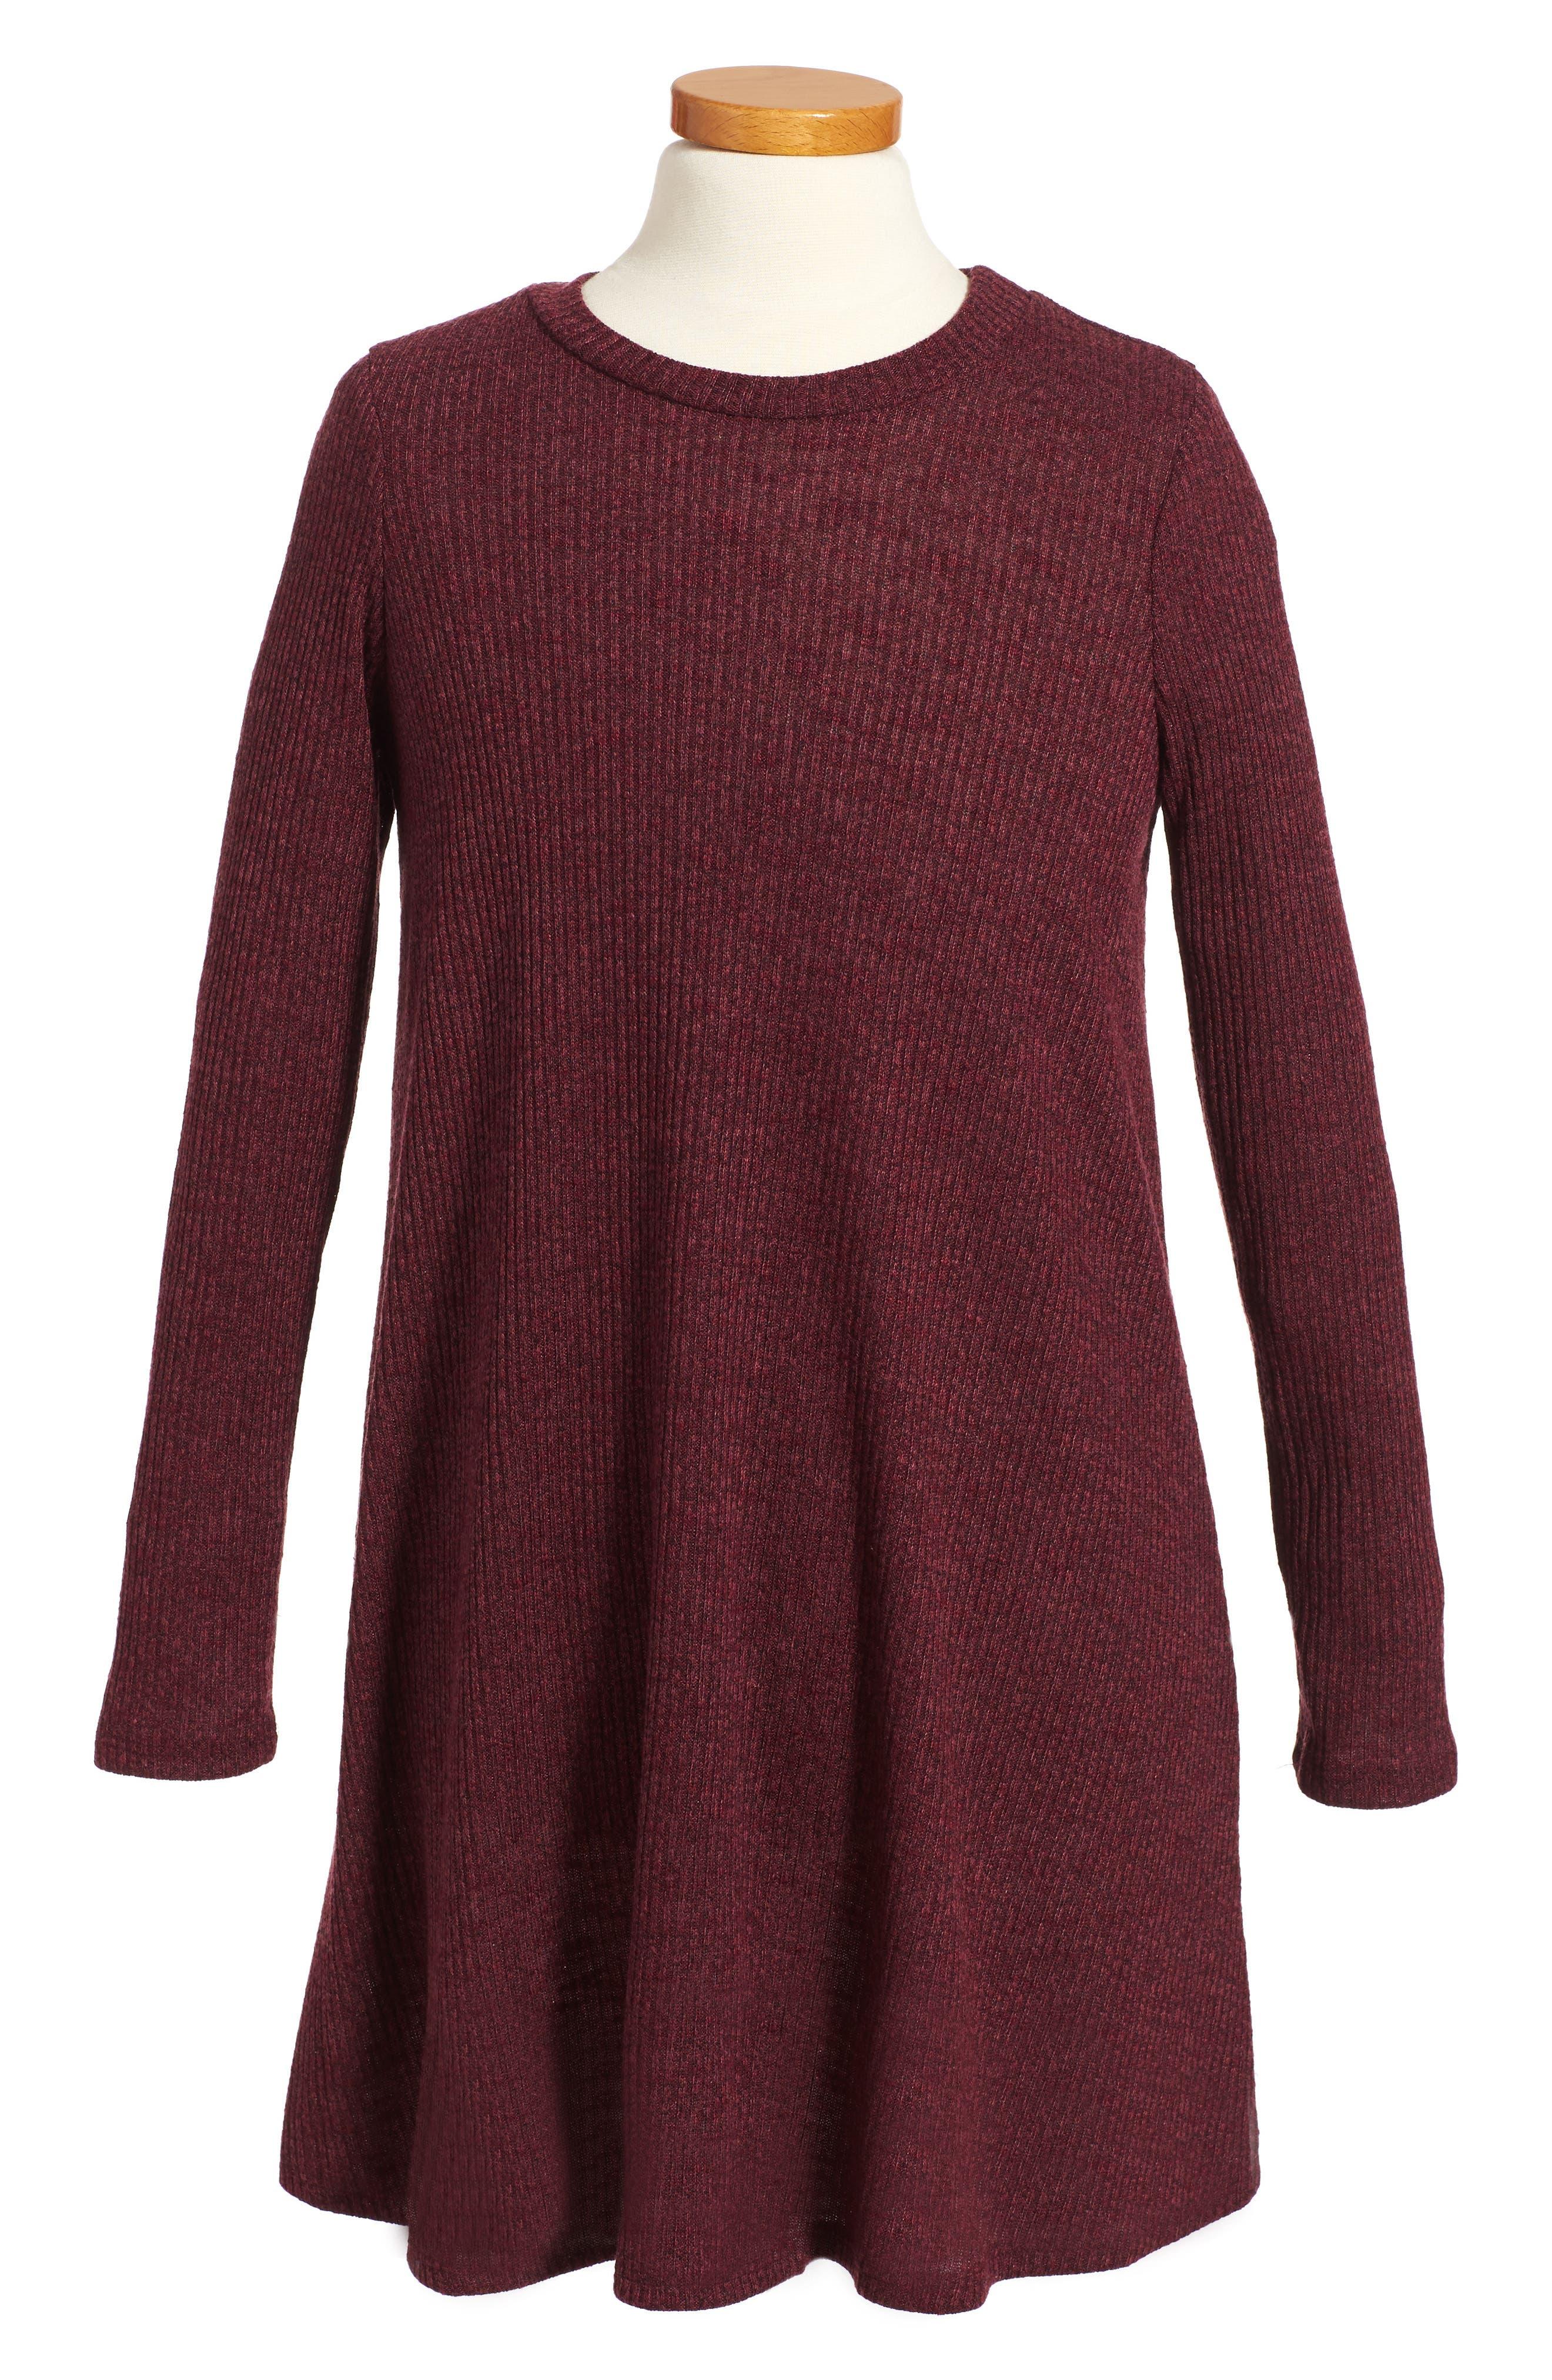 Soprano Rib Knit Sweater Dress (Big Girls)